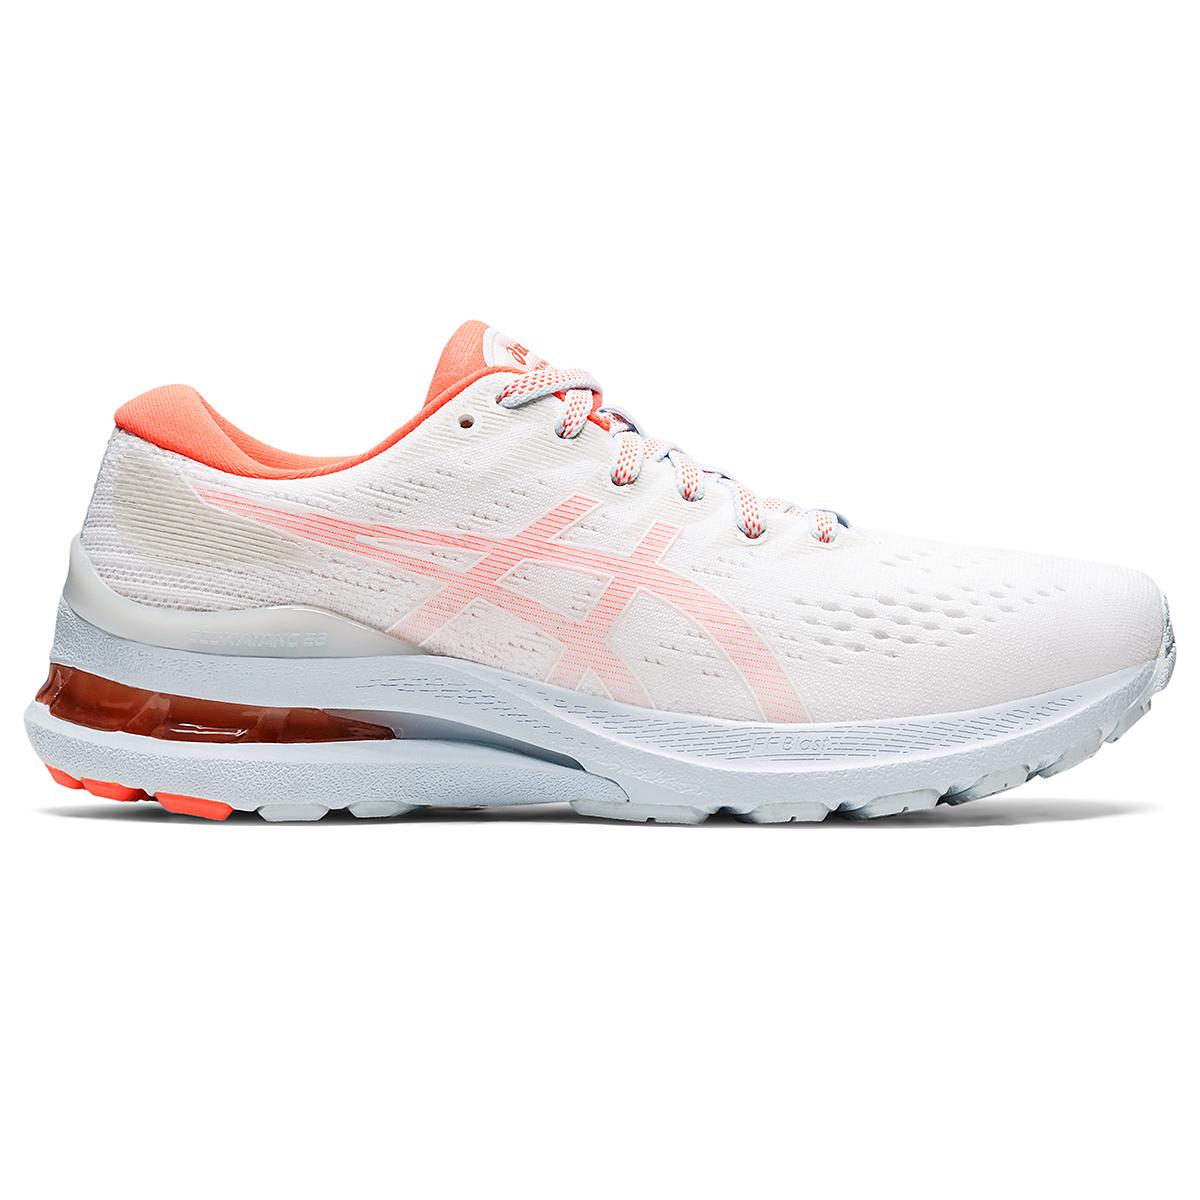 Women's Asics Gel-Kayano 28 Running Shoe, , large, image 1